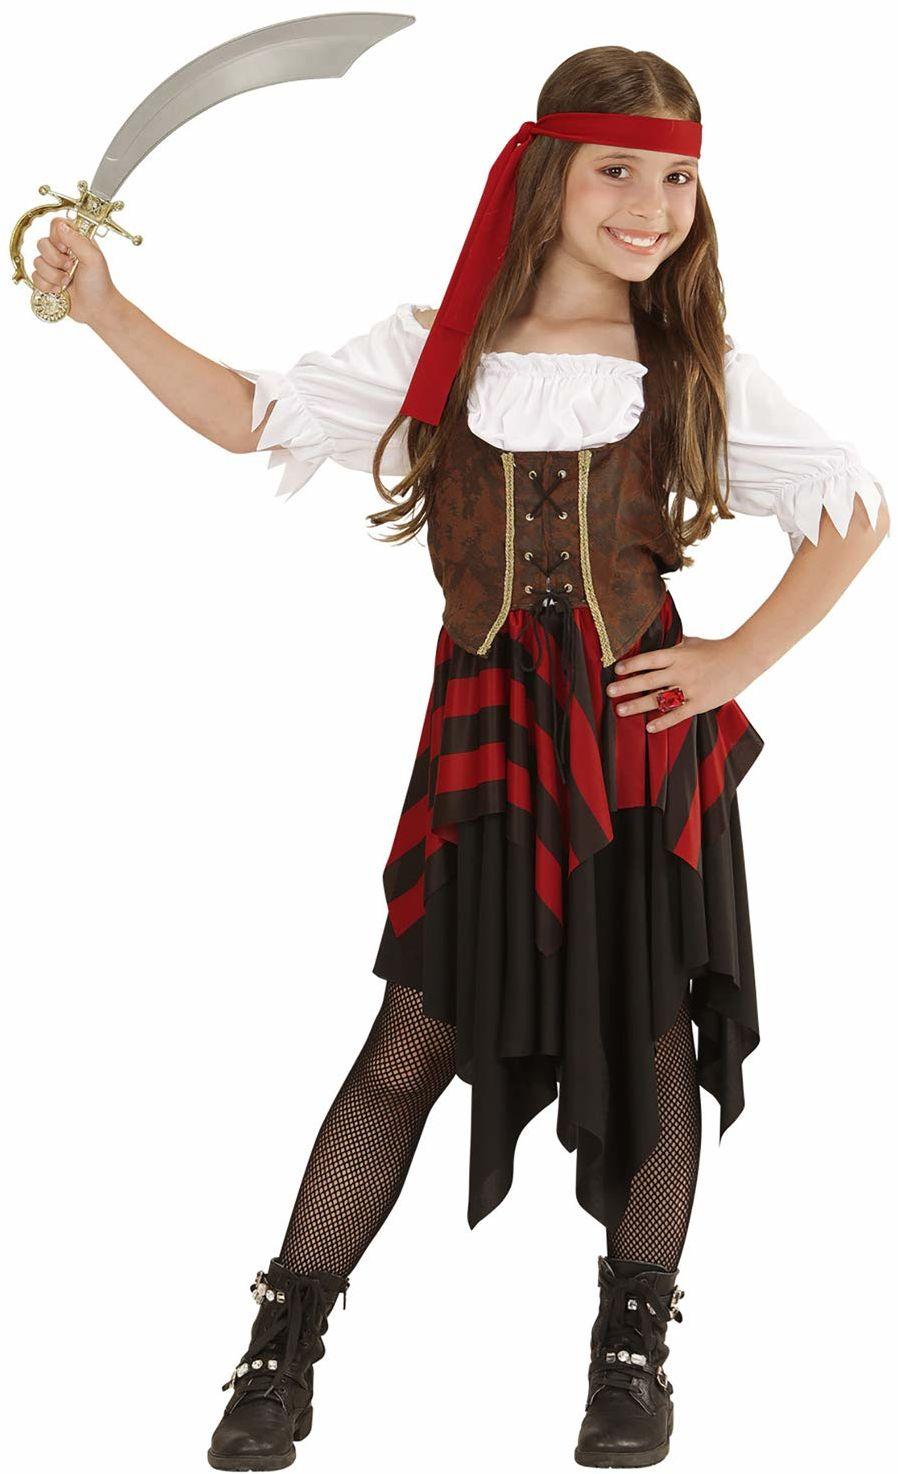 Widmann 05596 - kostium dziecięcy piratka, sukienka, gorset i opaska na czoło, rozmiar 128